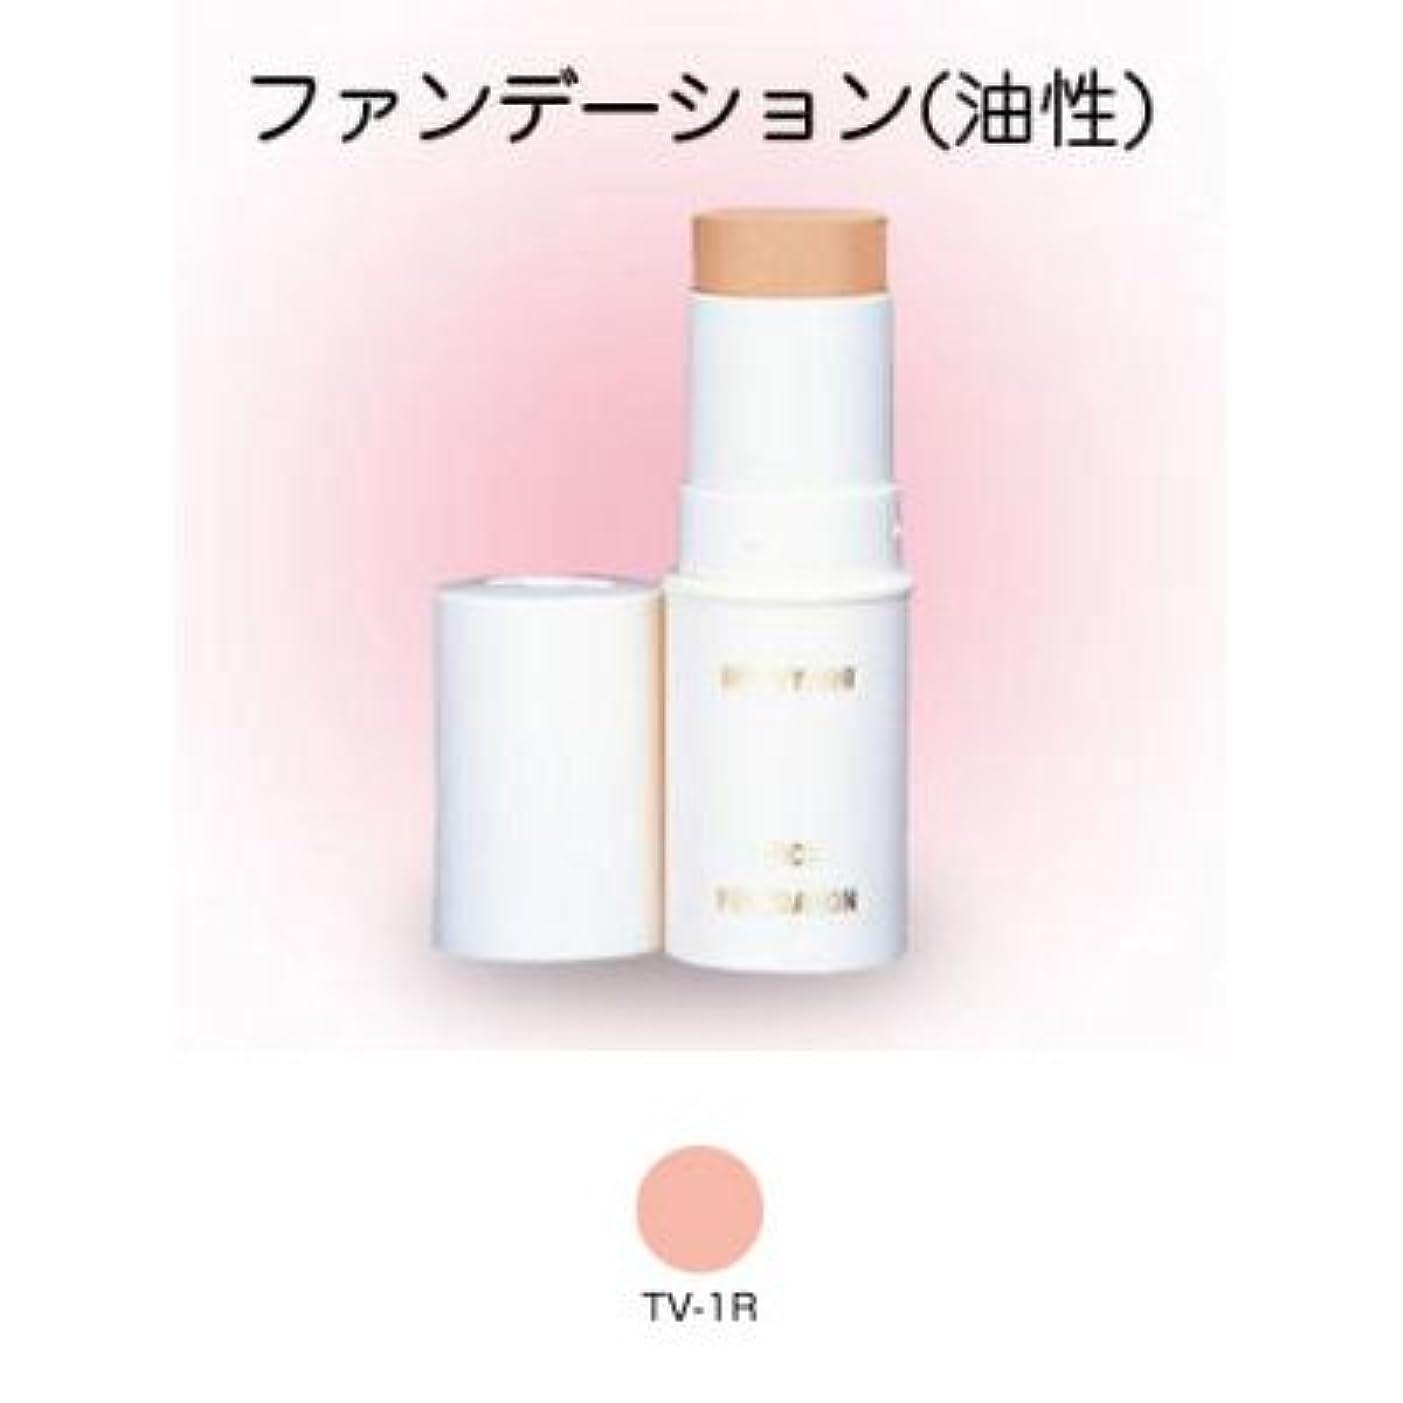 美的透けるモンスタースティックファンデーション 16g TV-1R 【三善】